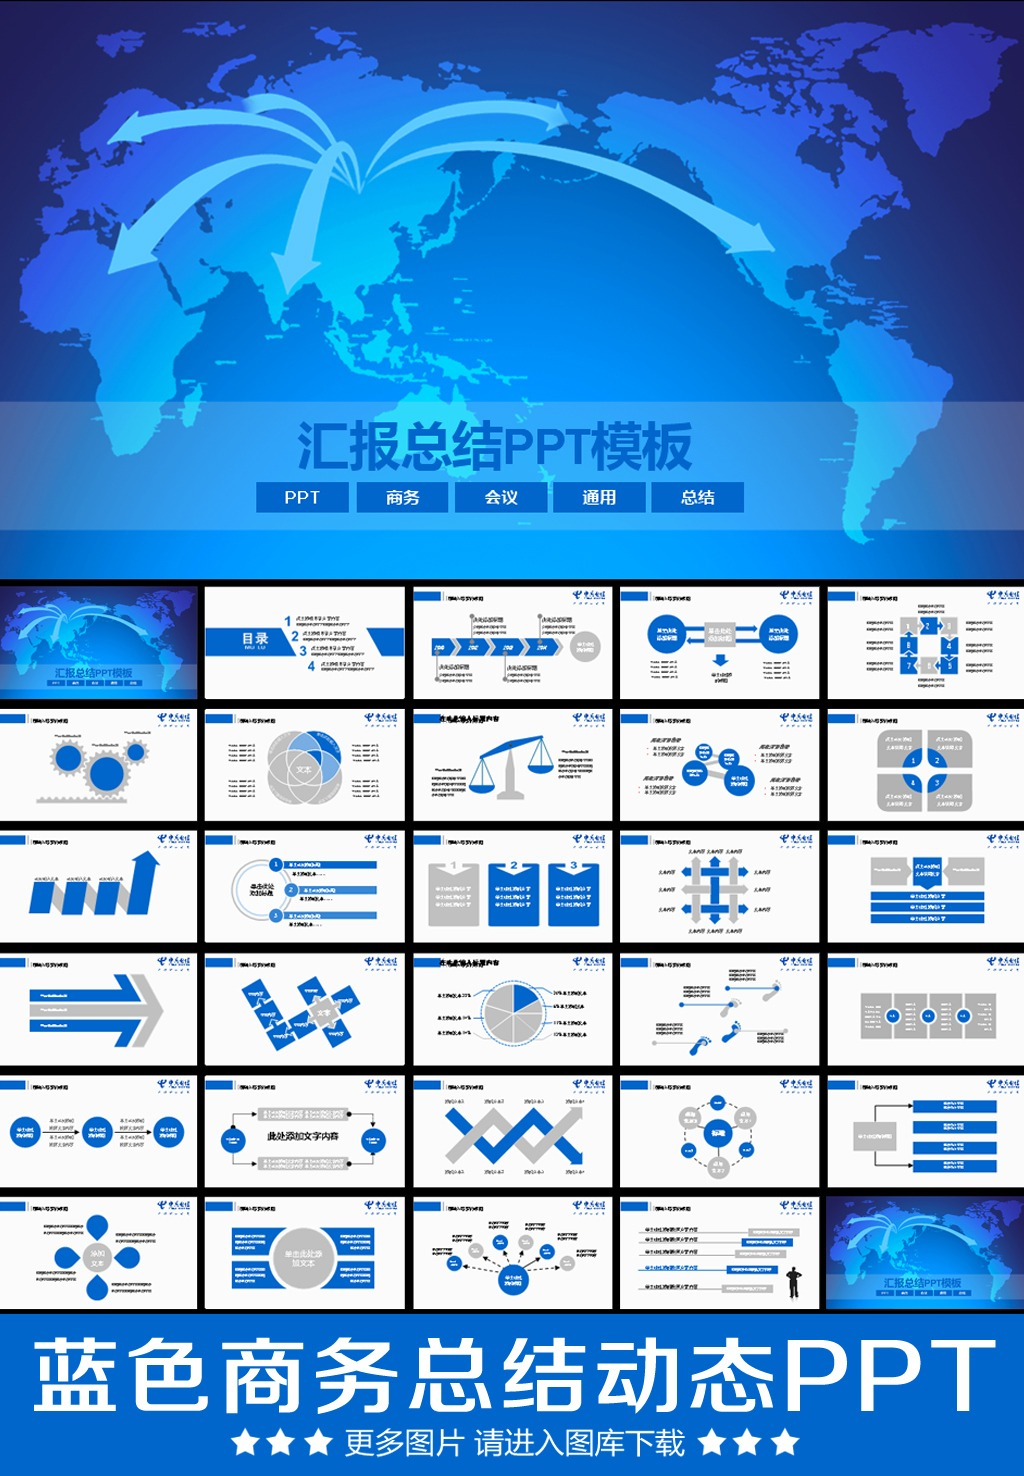 商务产品汇报贸易工作计划ppt模板